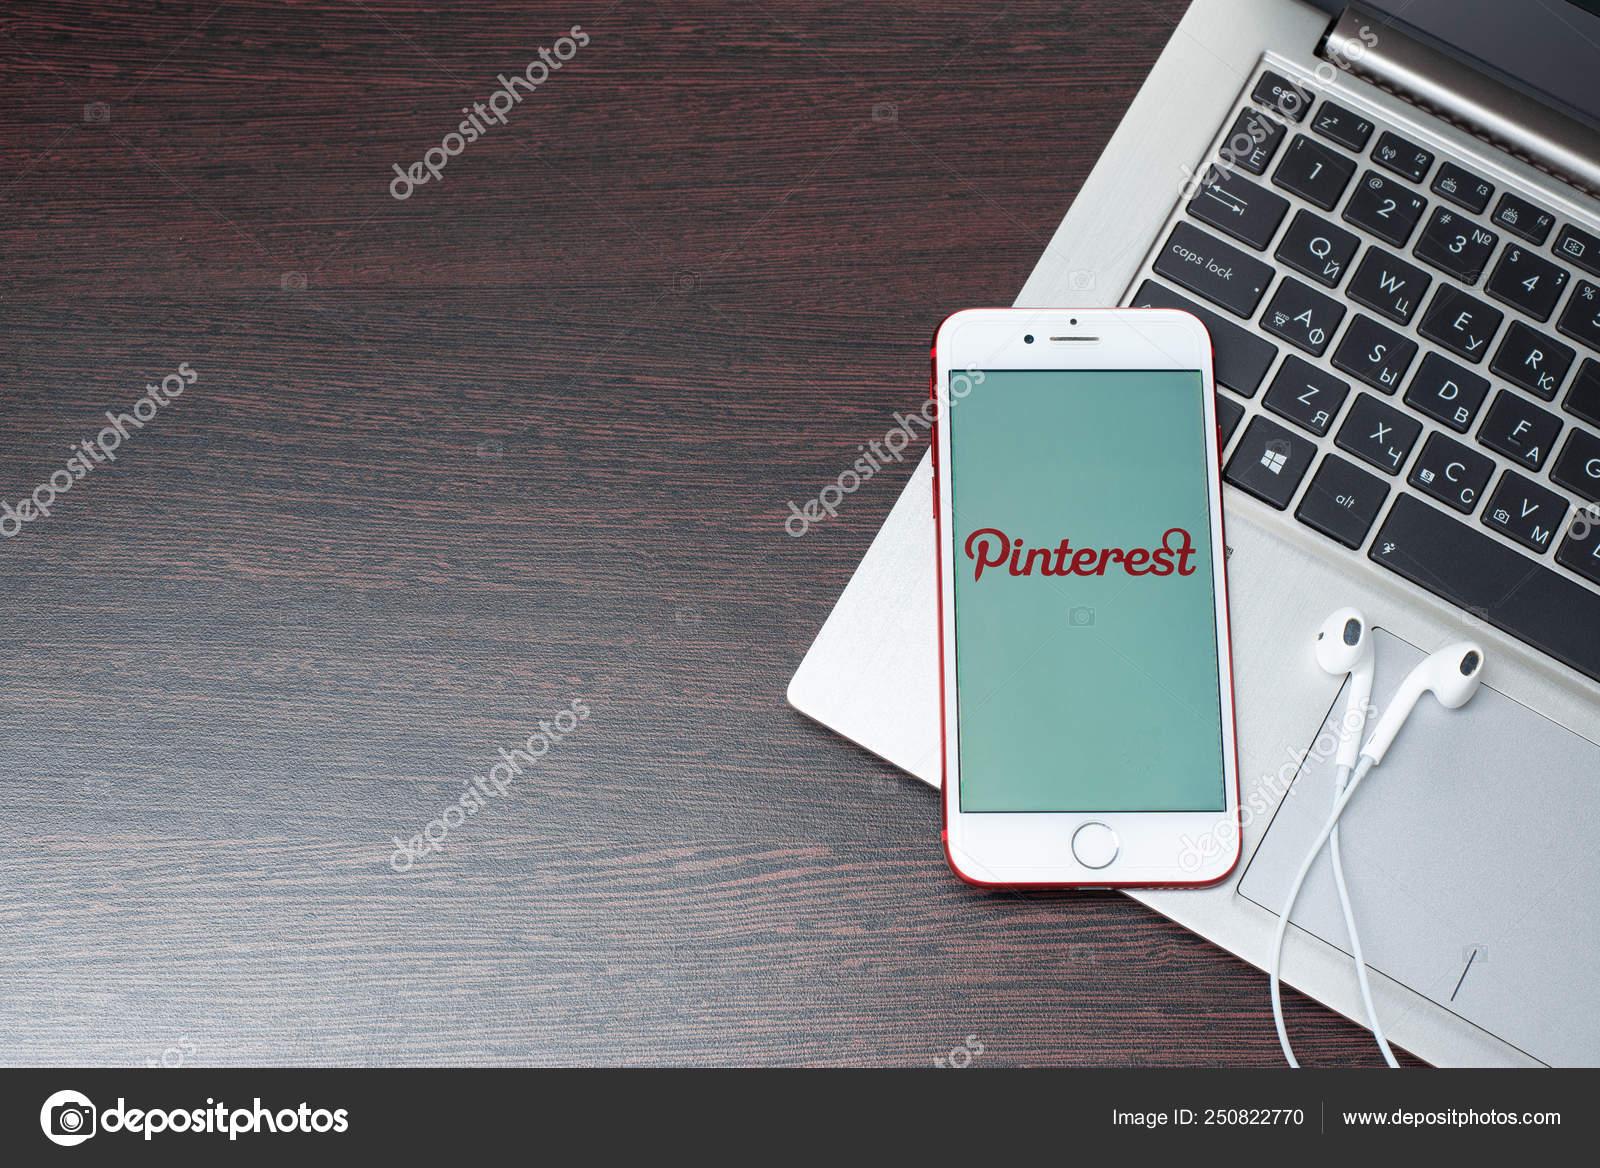 33a4b2271 Logo de Pinterest en el iphone 7 pantalla roja se coloca en el teclado del  ordenador